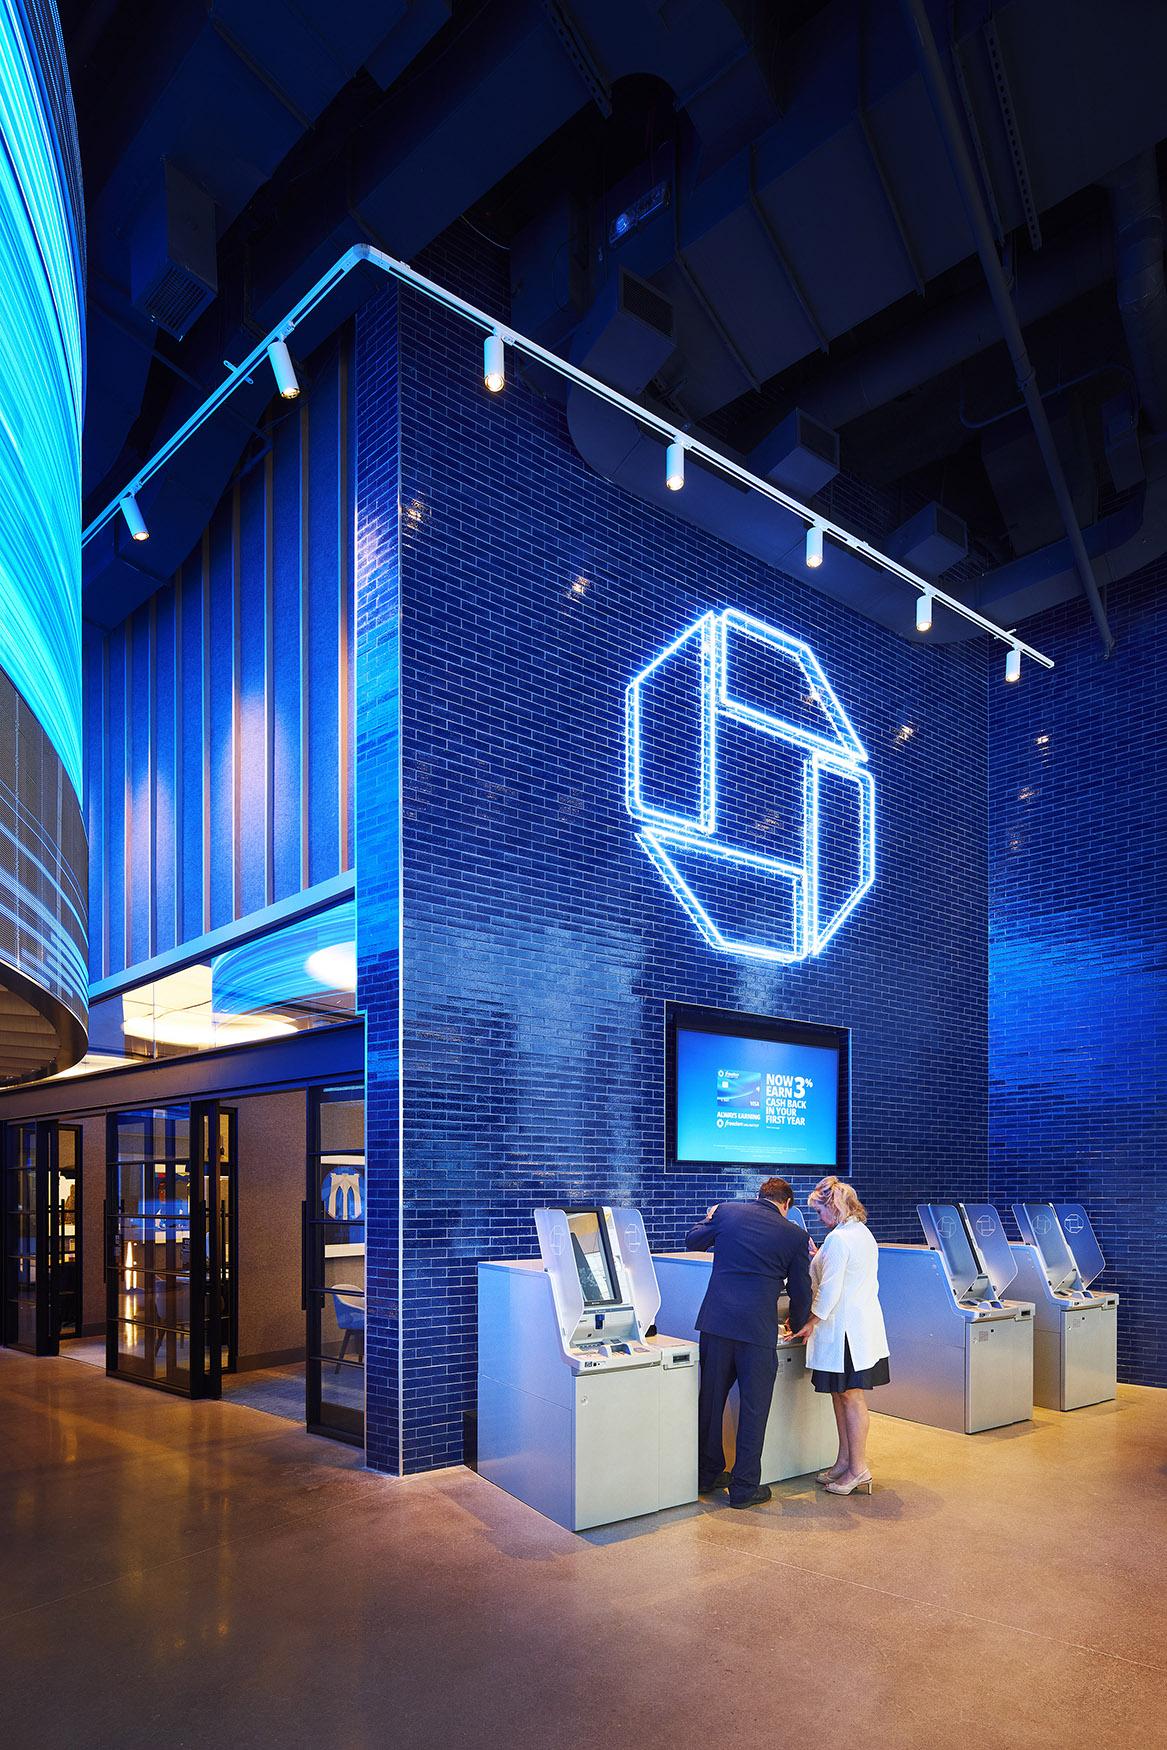 JPMorgan plans to debut digital-only retail bank in UK